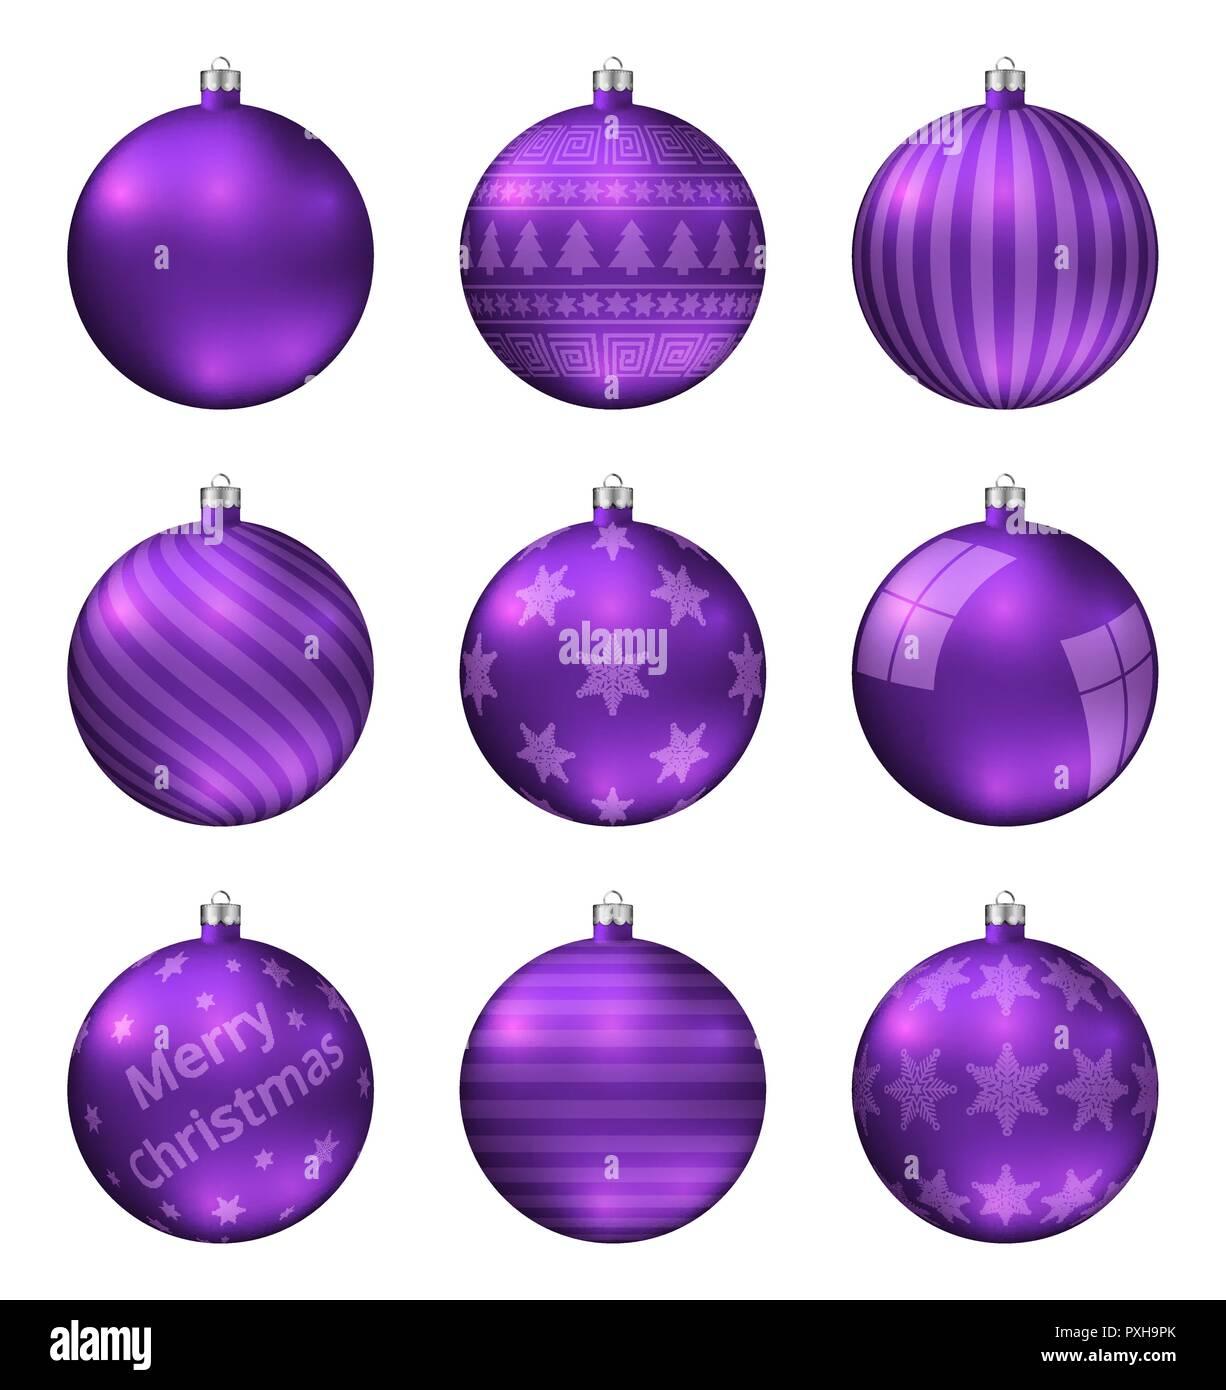 Christbaumkugeln Violett.Violett Weihnachten Kugeln Auf Weissem Hintergrund